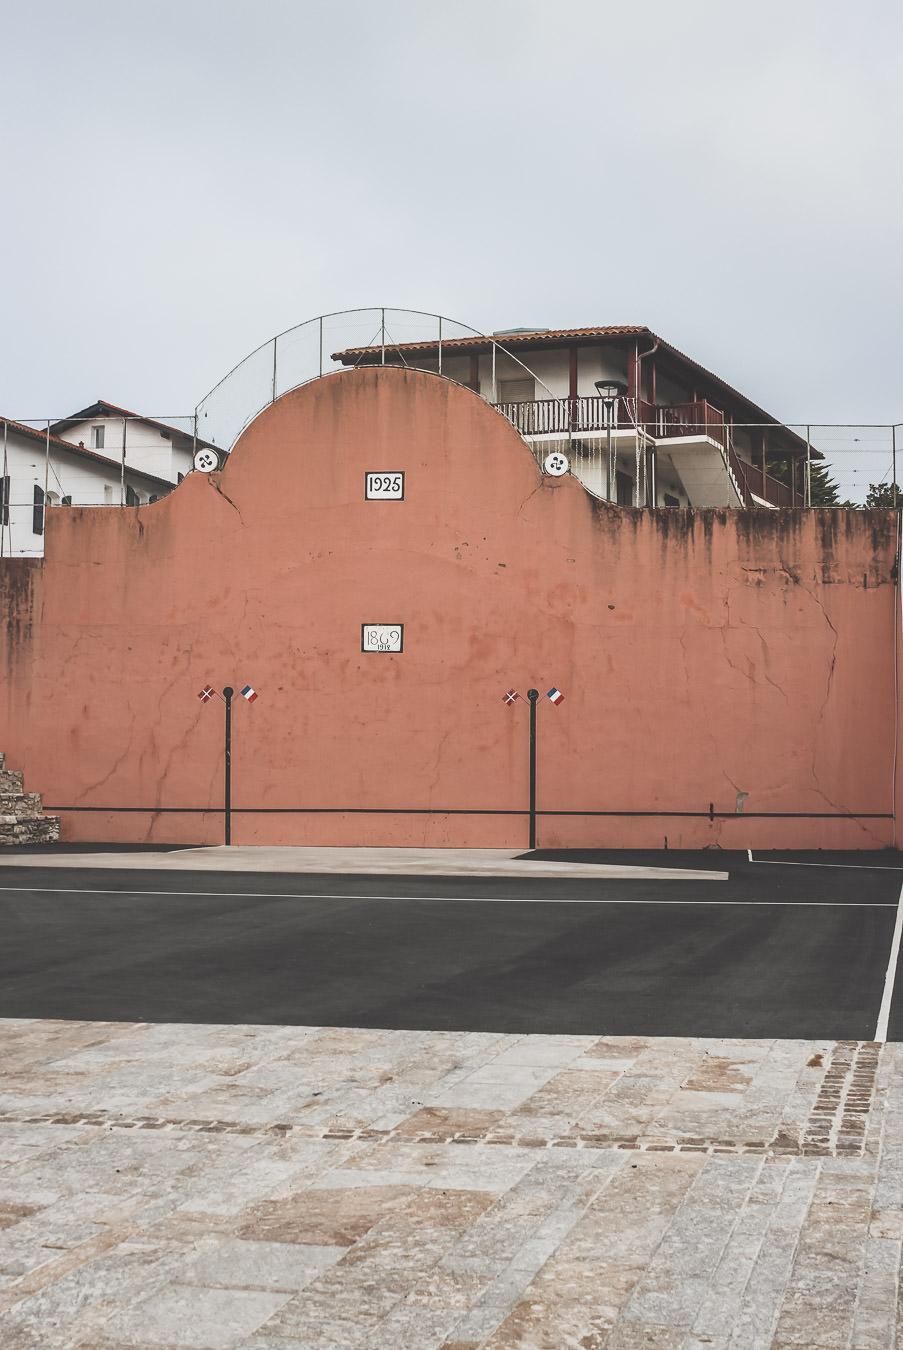 terrain de pelote basque à BIdart